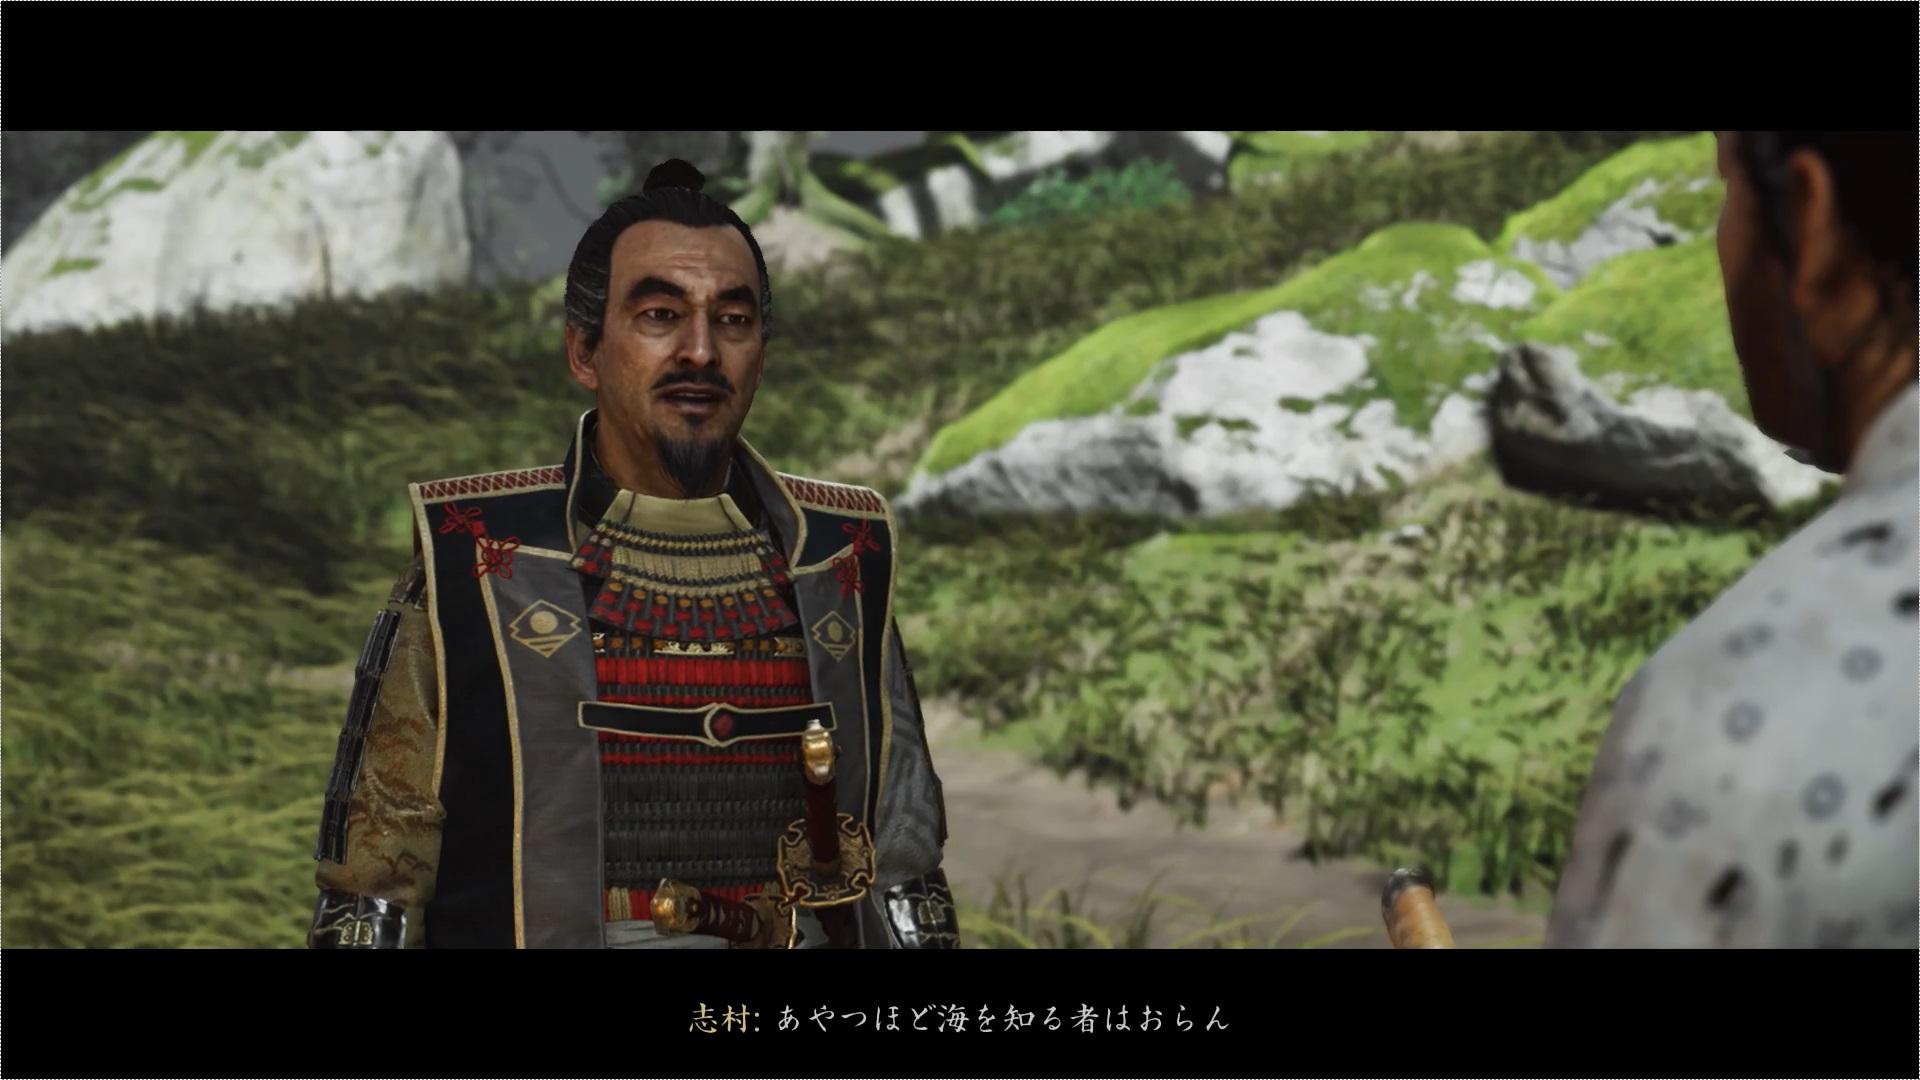 五郎を見つけたことを報告する仁。志村殿の話では、五郎は相当な船乗りであるようだ。